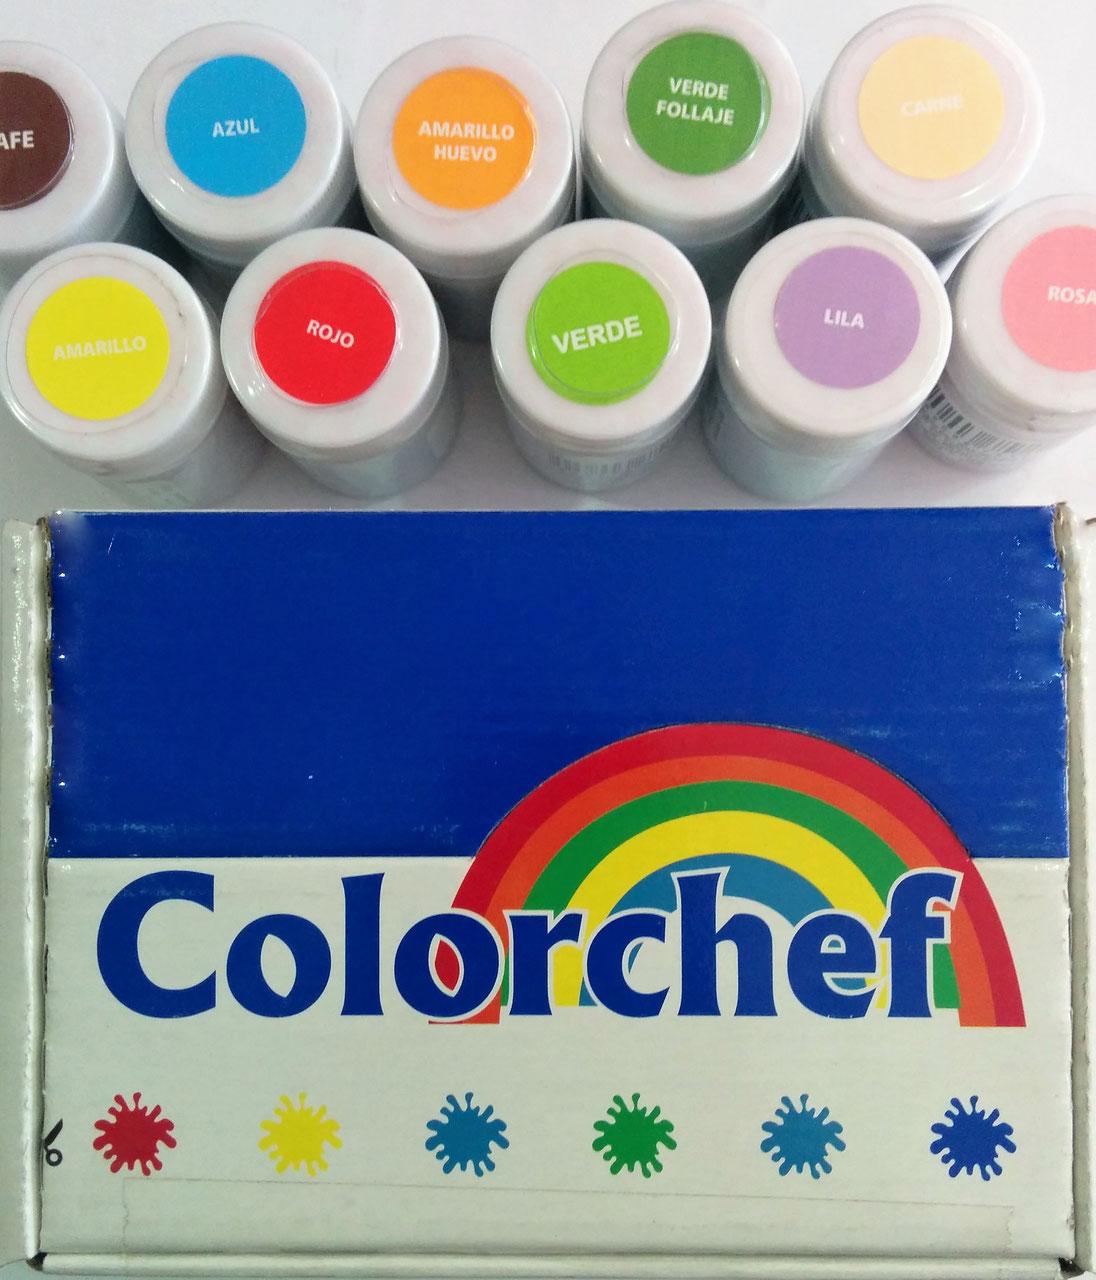 Color en pasta Colorchef 50g Rojo